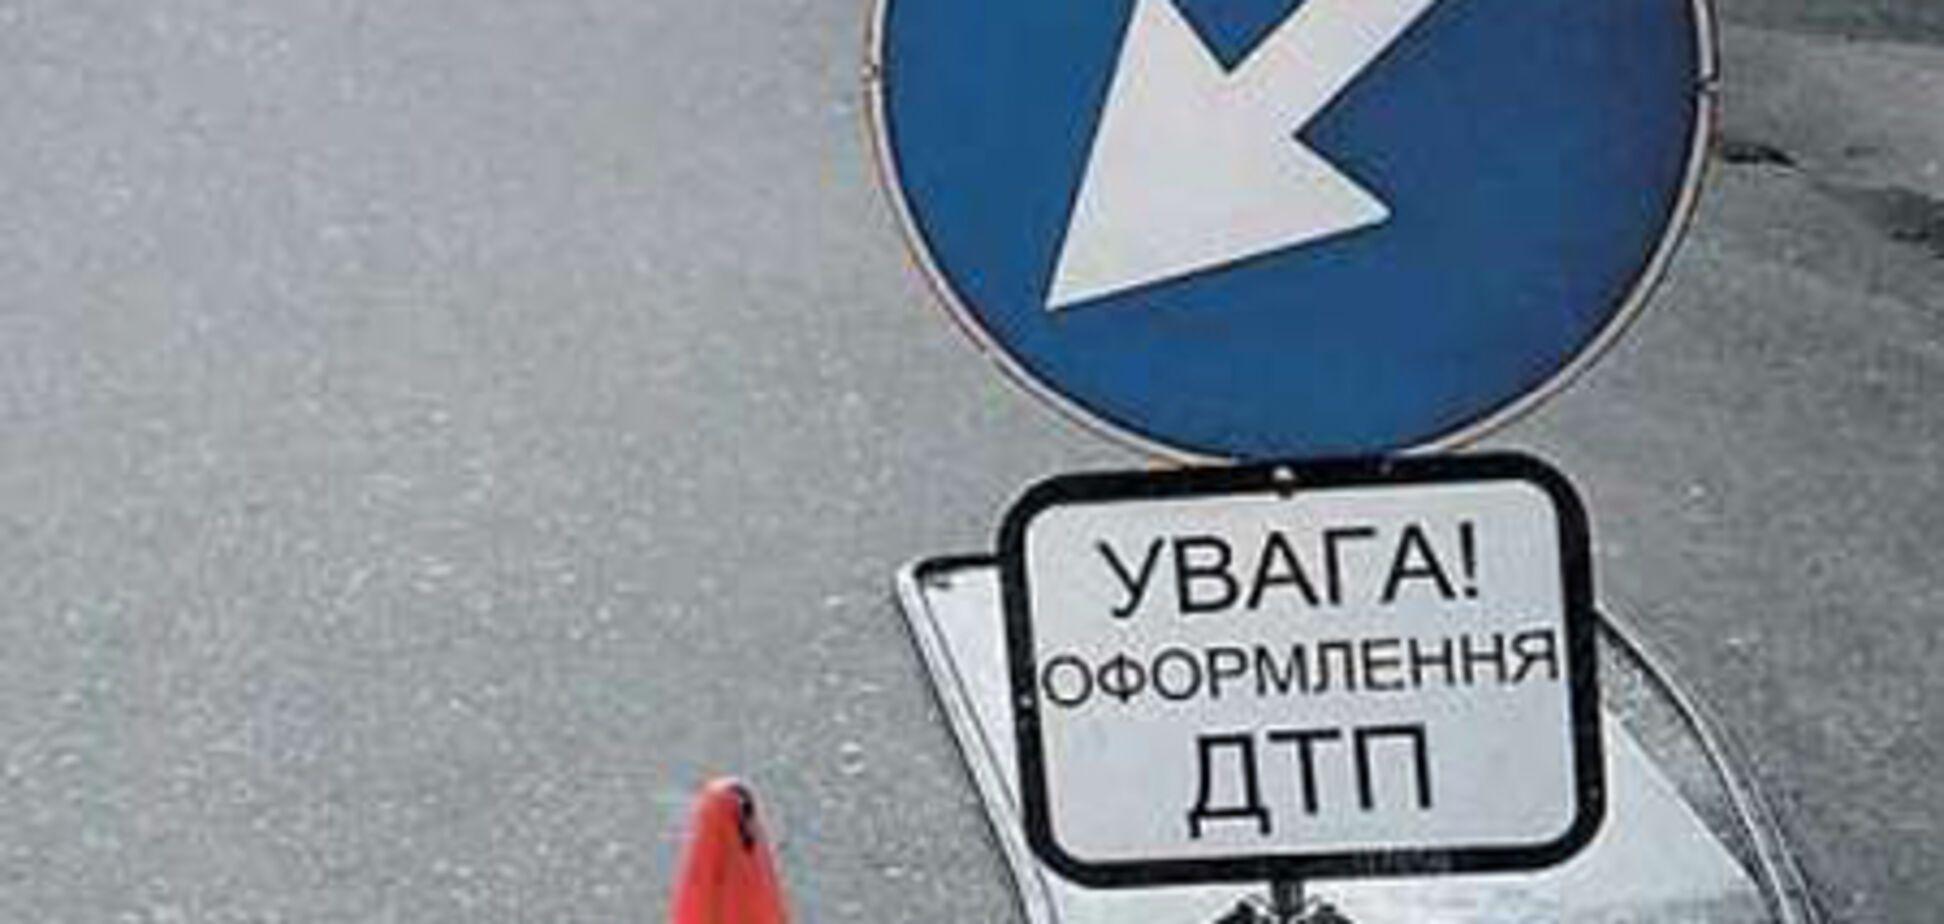 Крупная авария в центре Киева: несколько авто и маршрутка